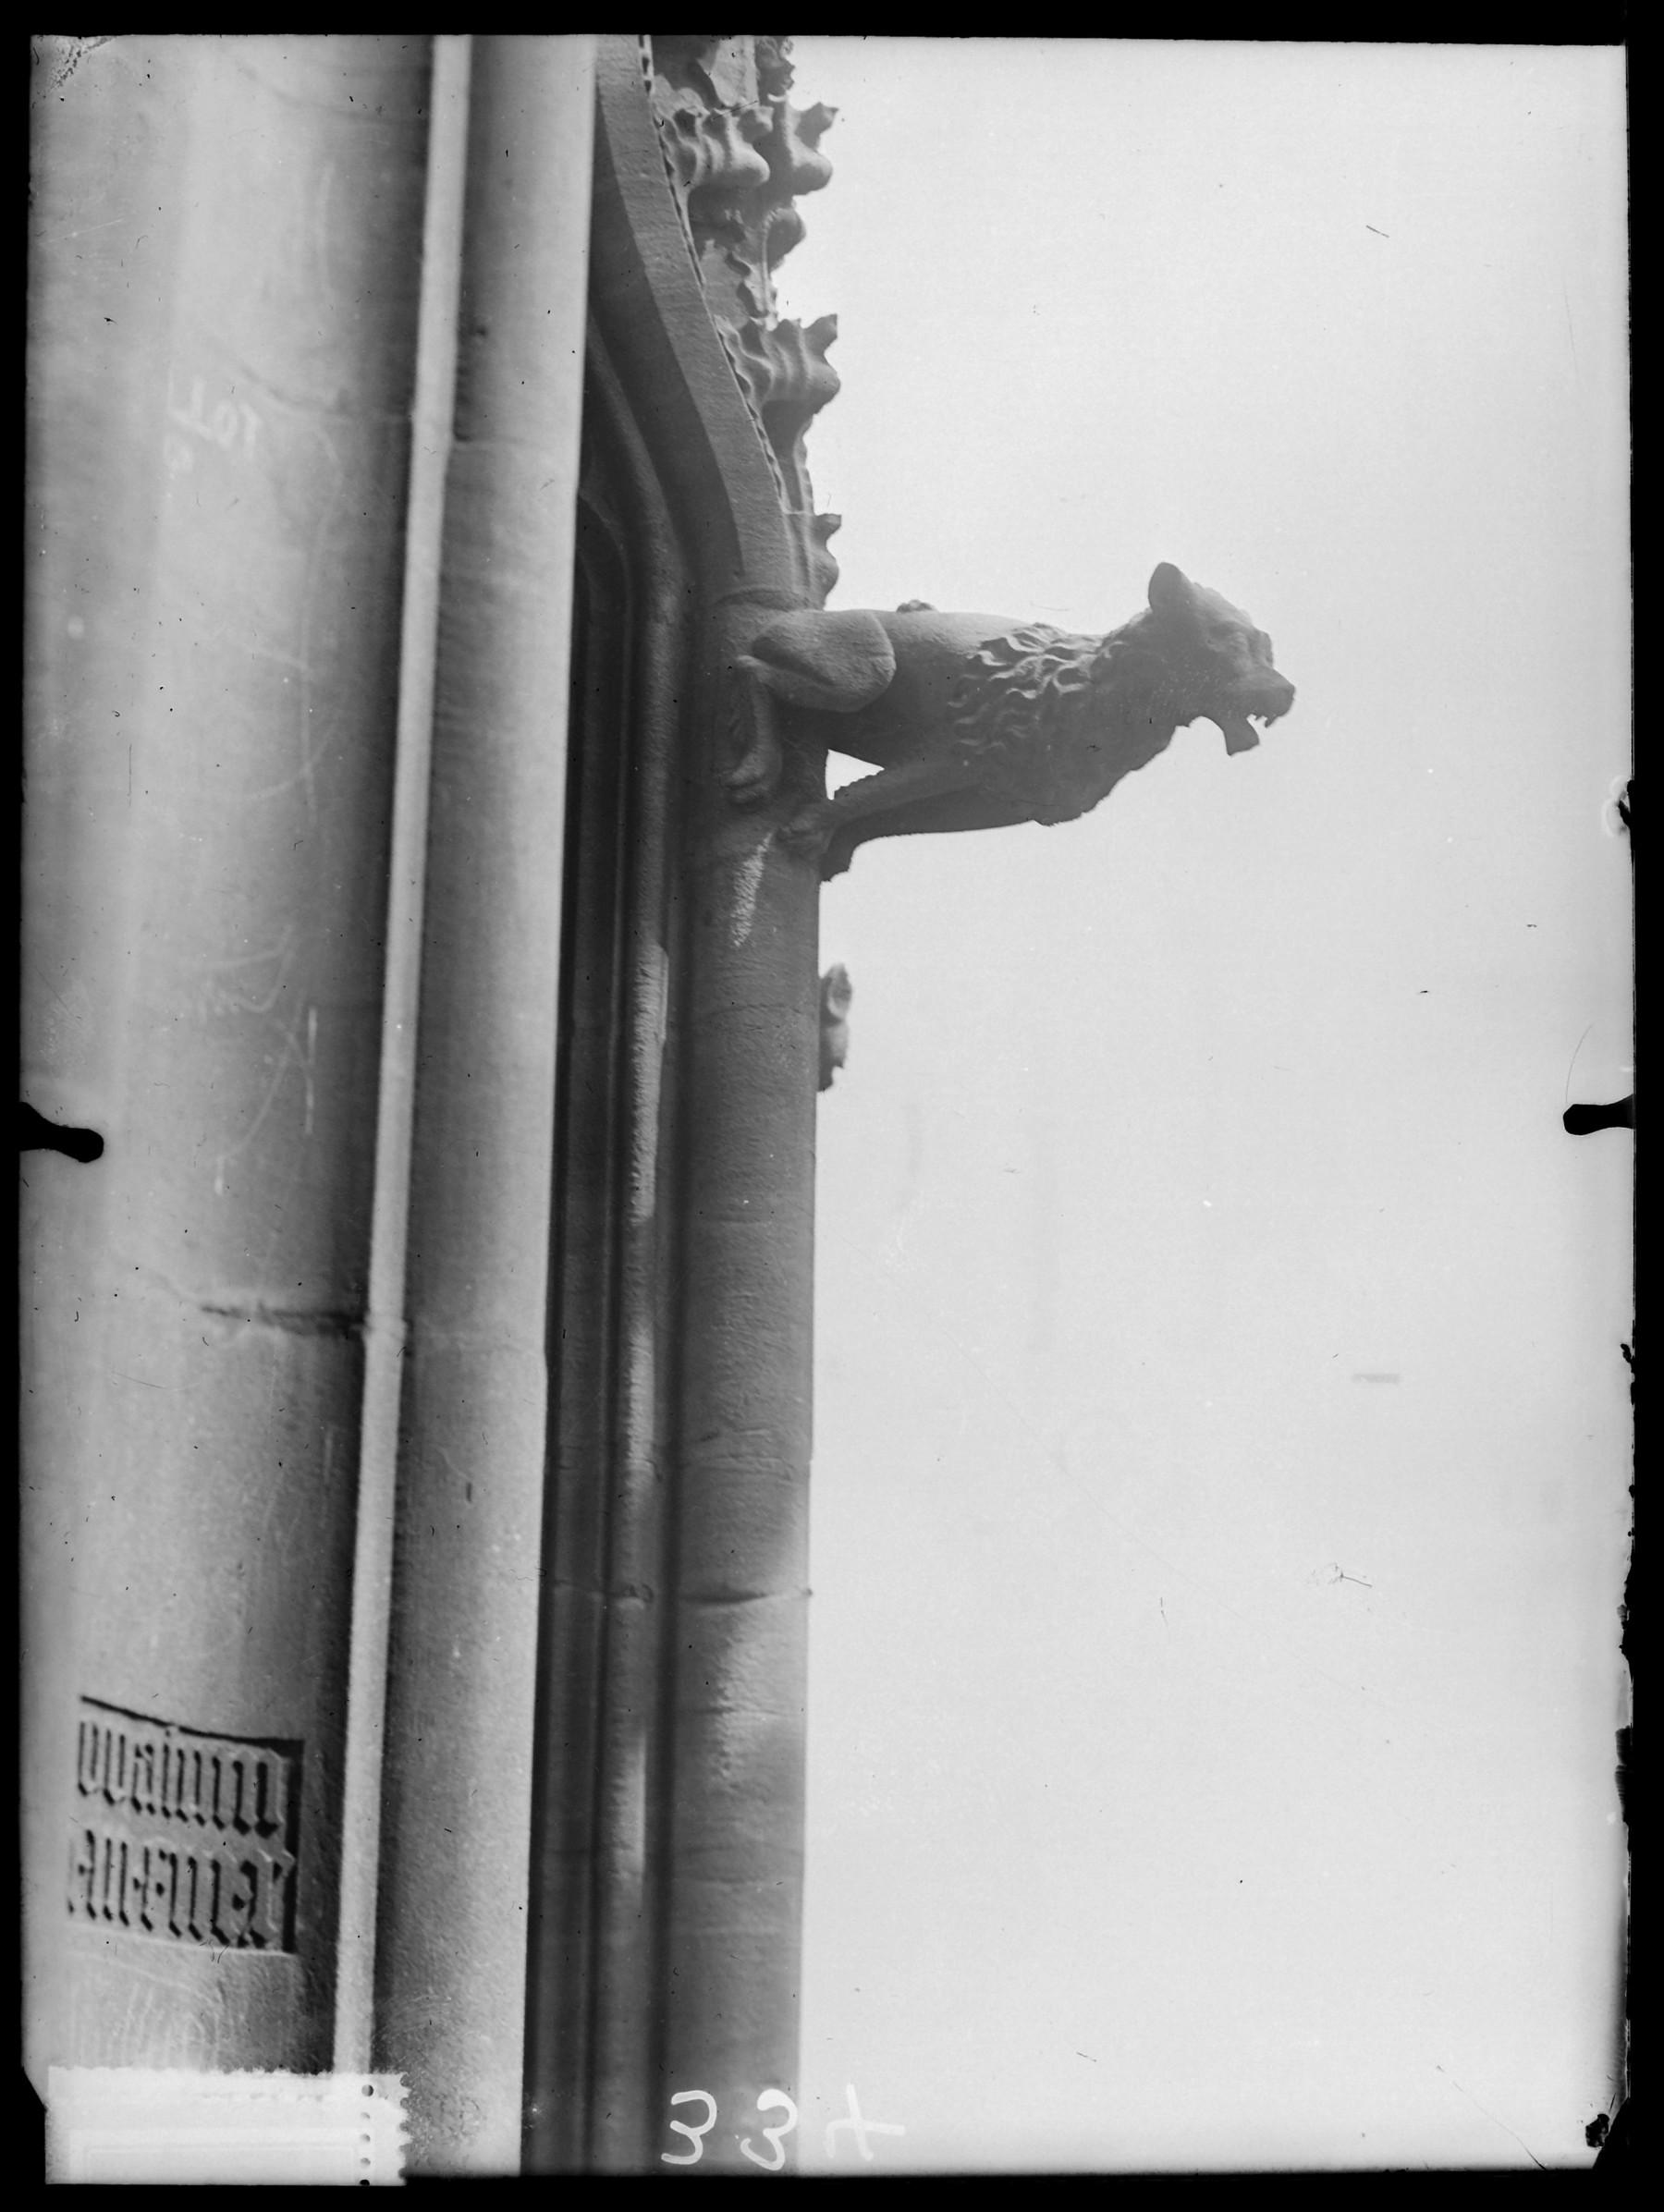 Contenu du Gargouille sur la cathédrale Saint-Étienne